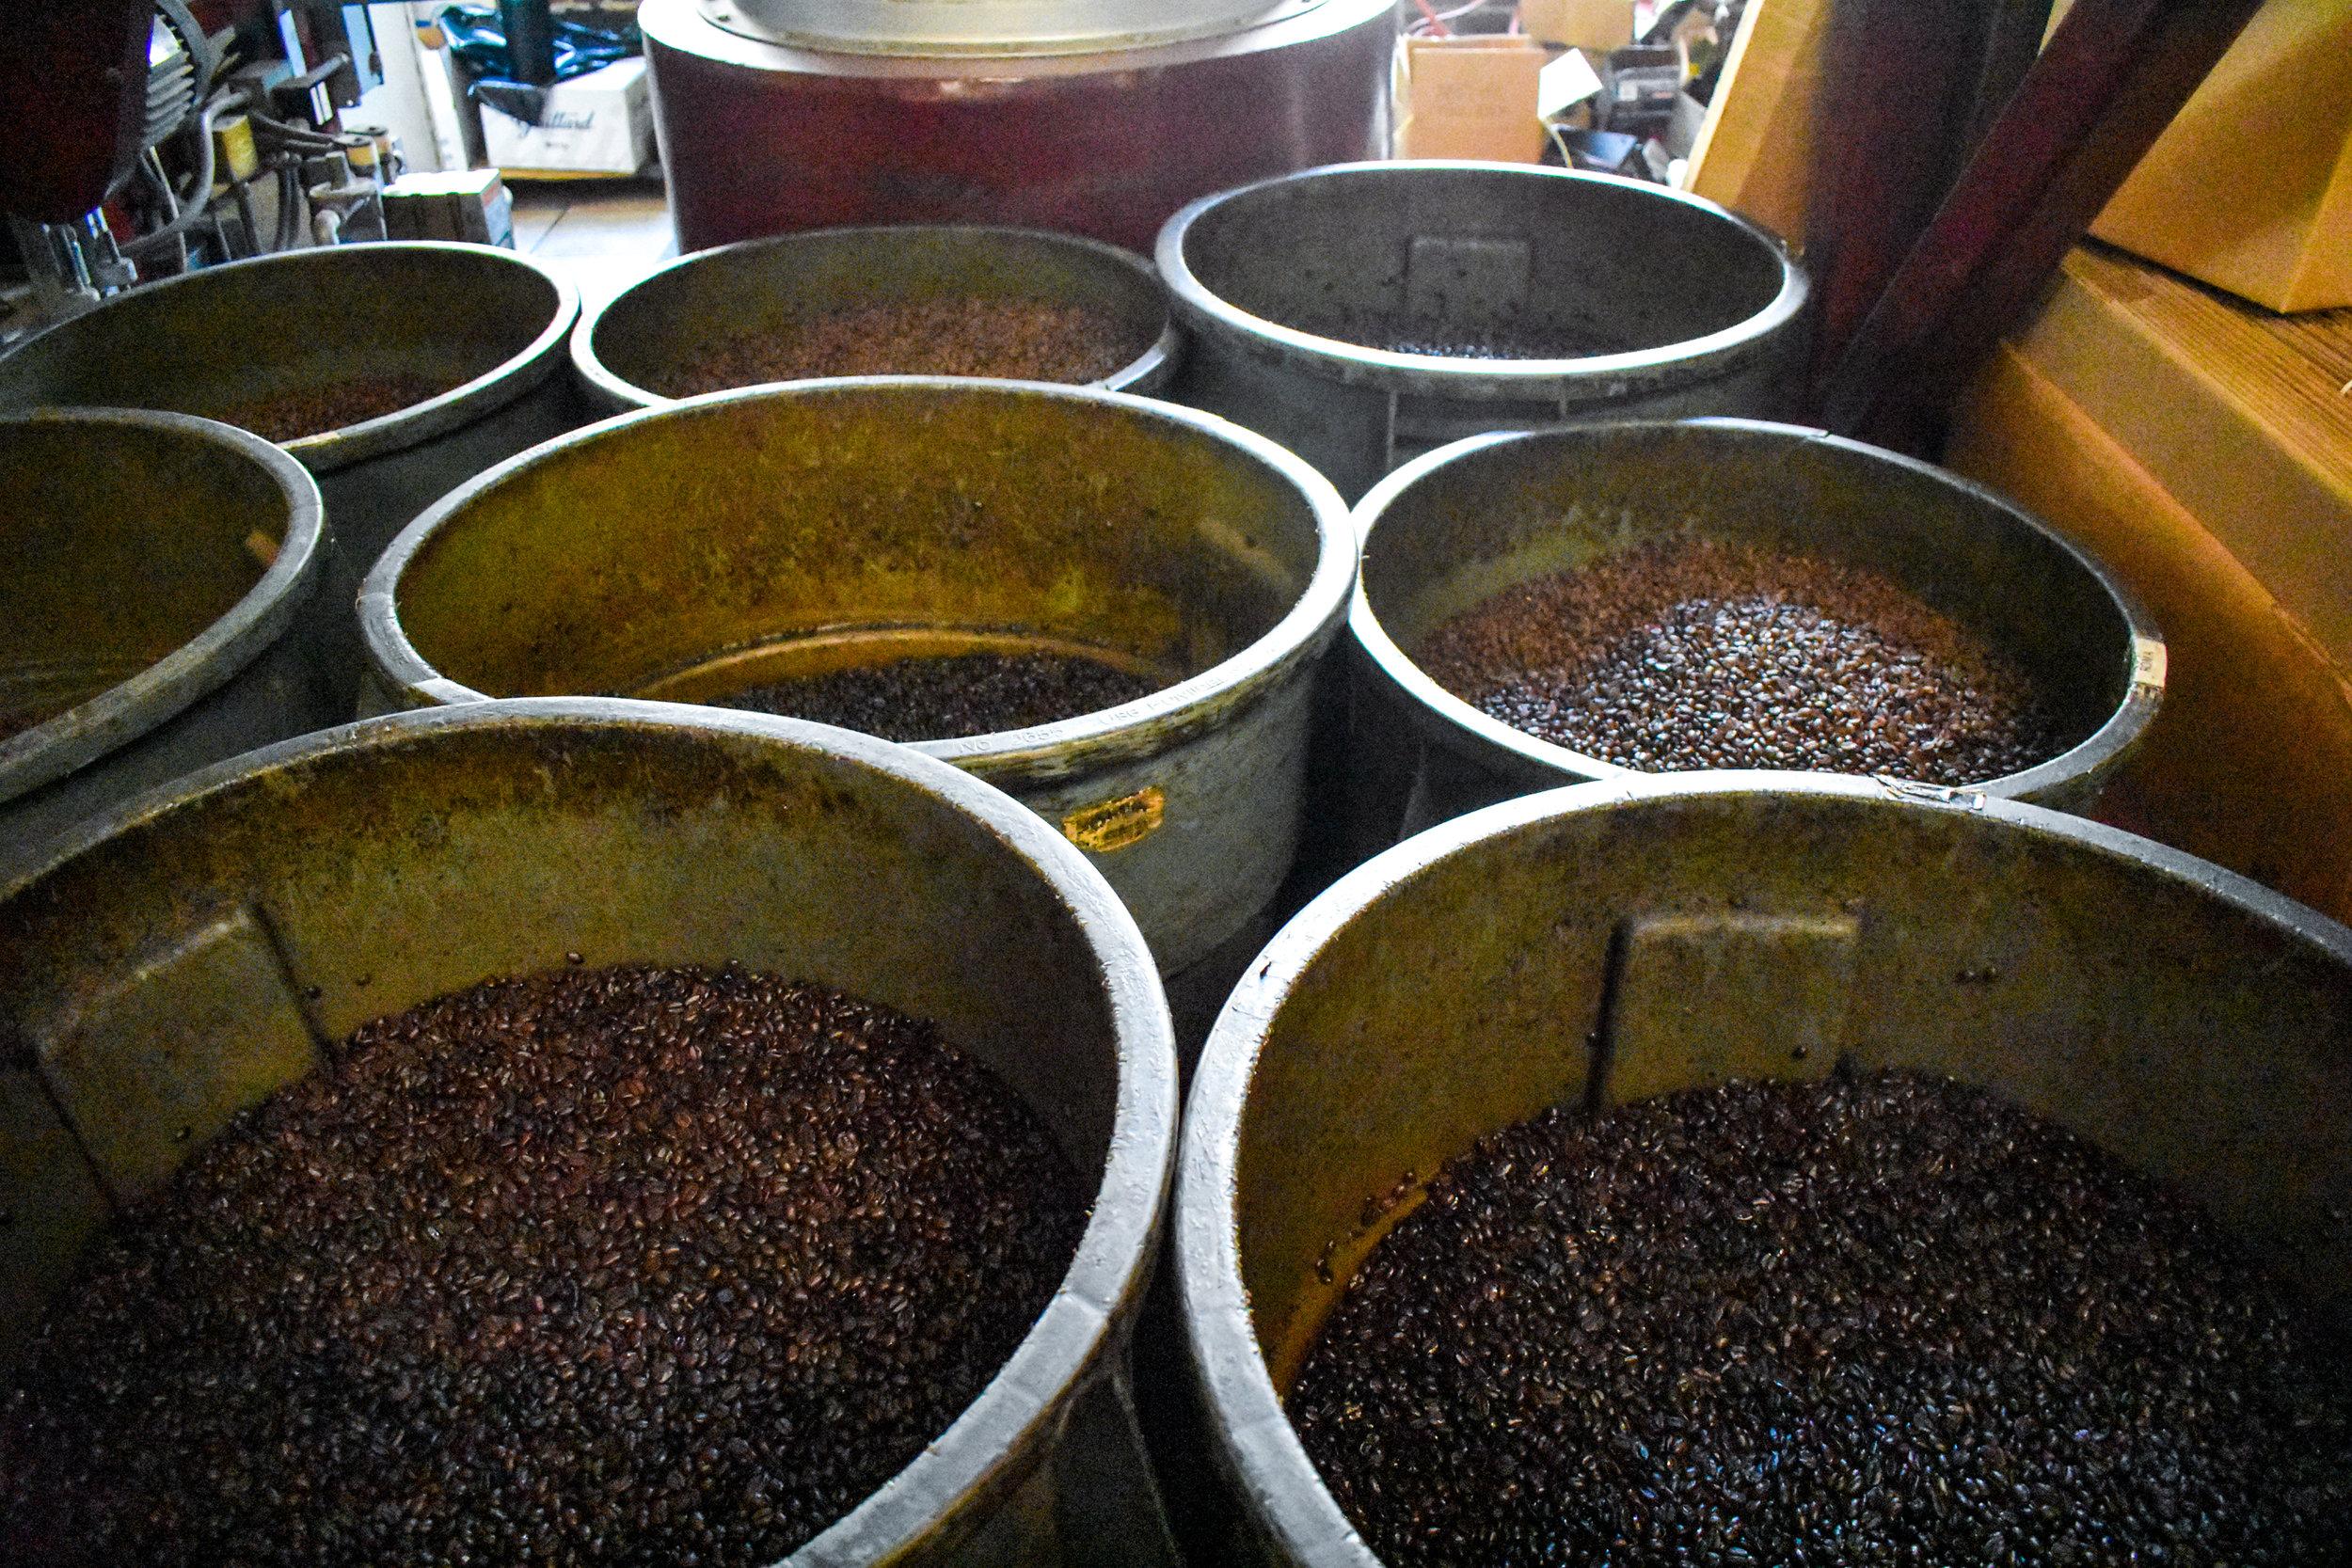 CaffeRomaSOMA-0080.jpg